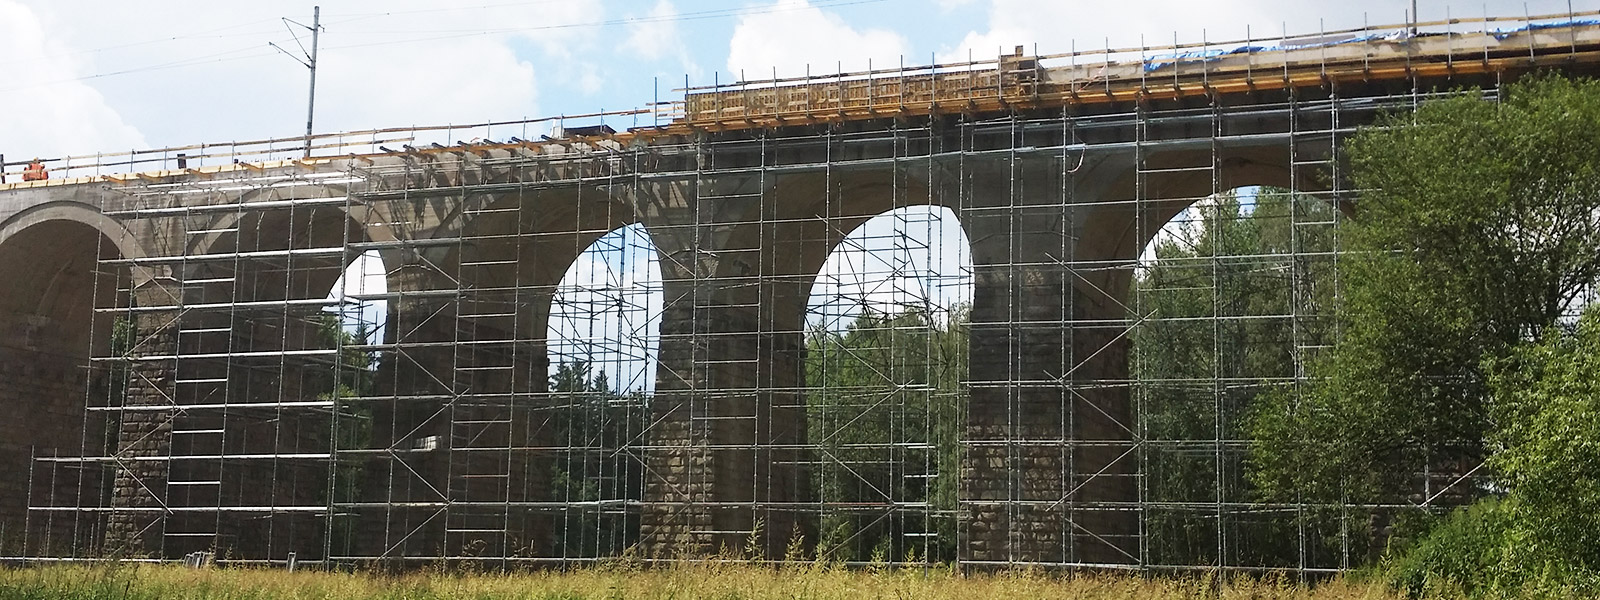 Ostrov nad Oslavou, Železniční most